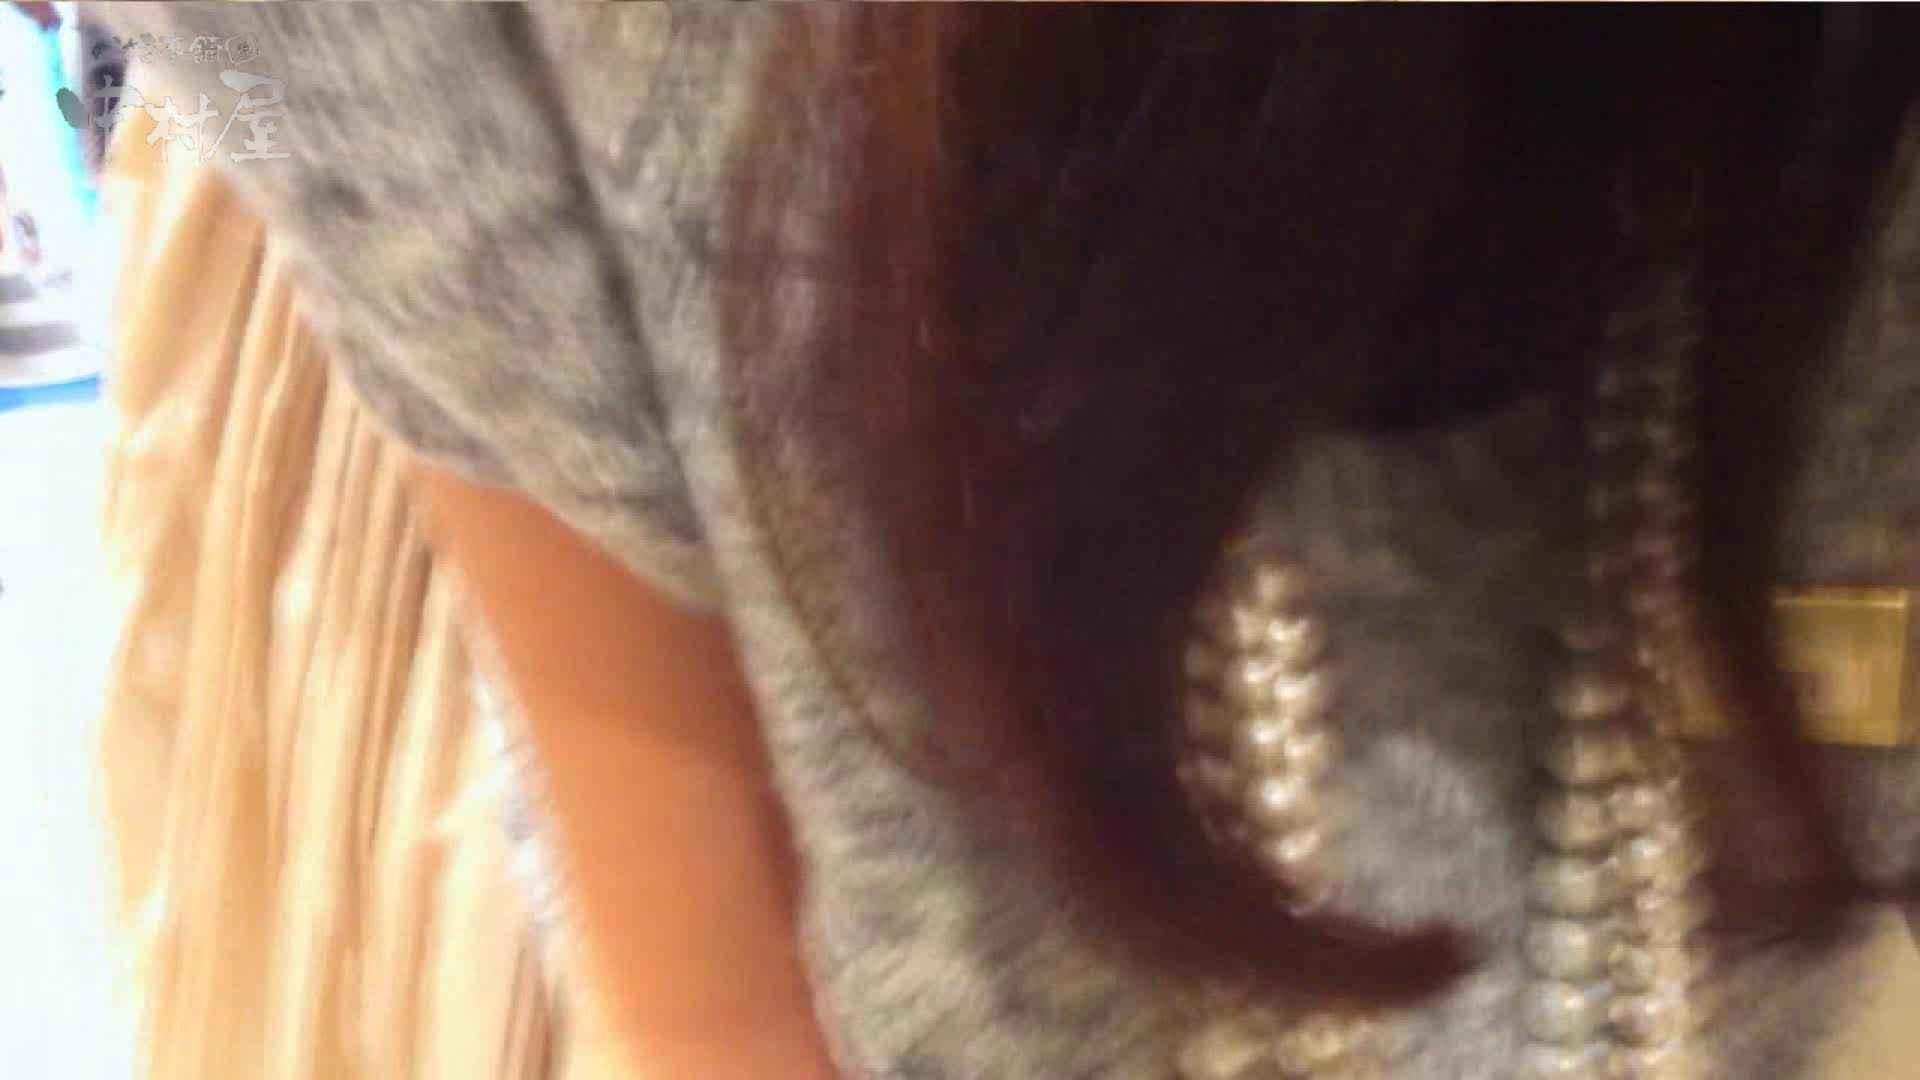 vol.74 美人アパレル胸チラ&パンチラ ブカブカセーターあざっす! 胸チラ | チラ見えで興奮  11枚 1